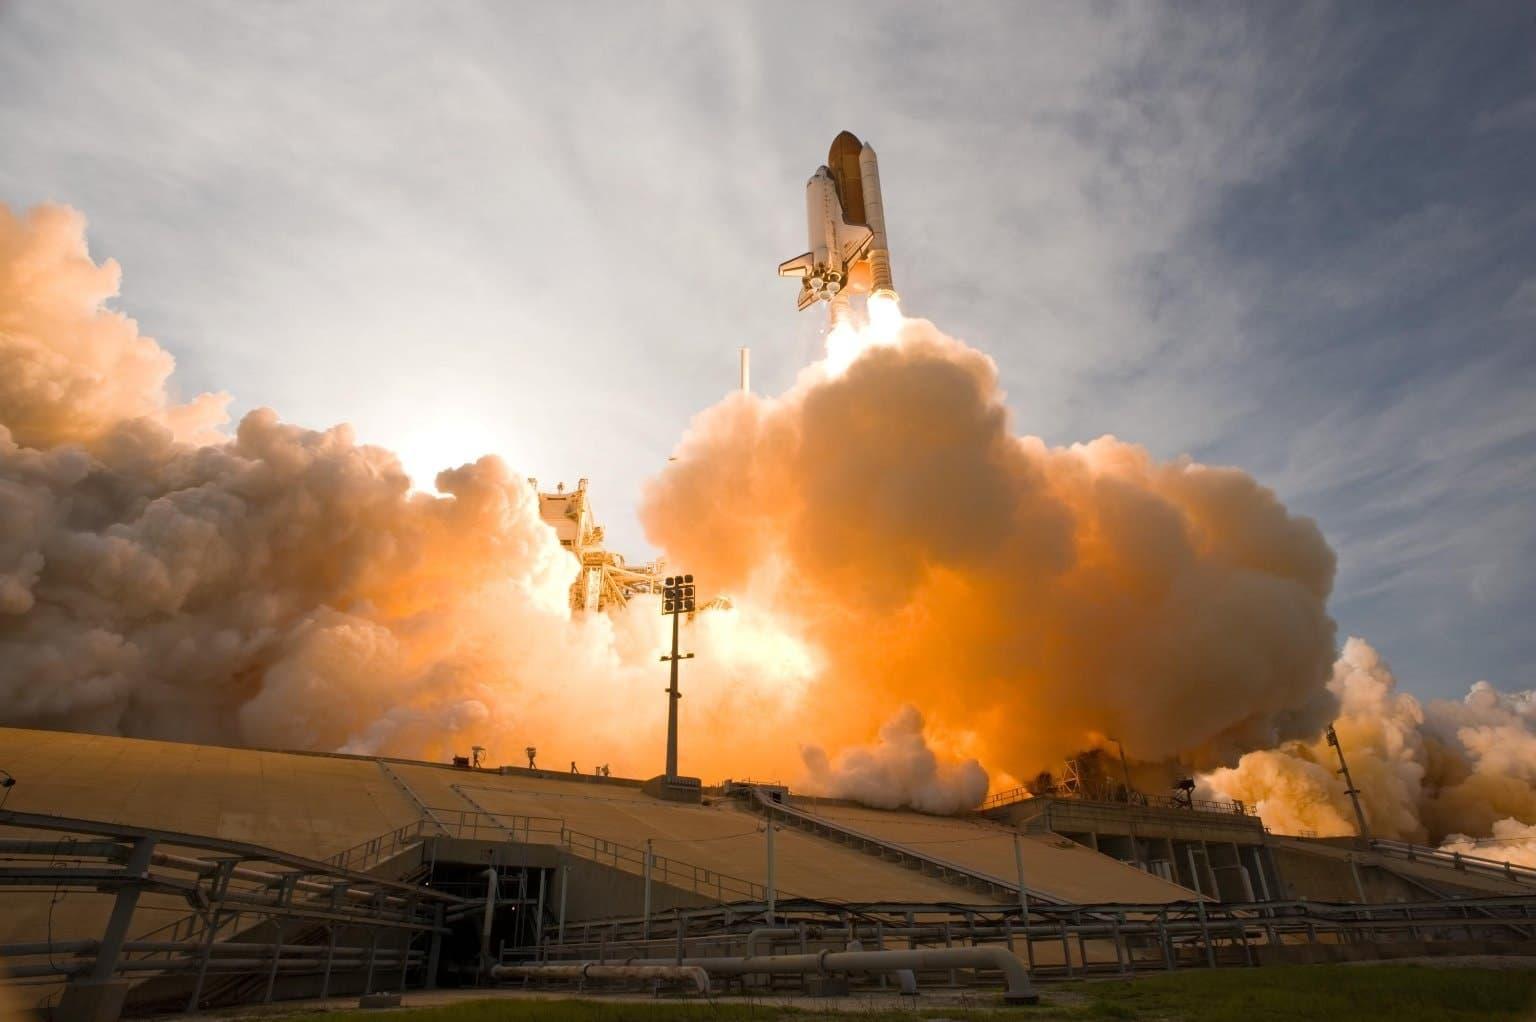 aerospace-engineering-exploration-34521.jpg